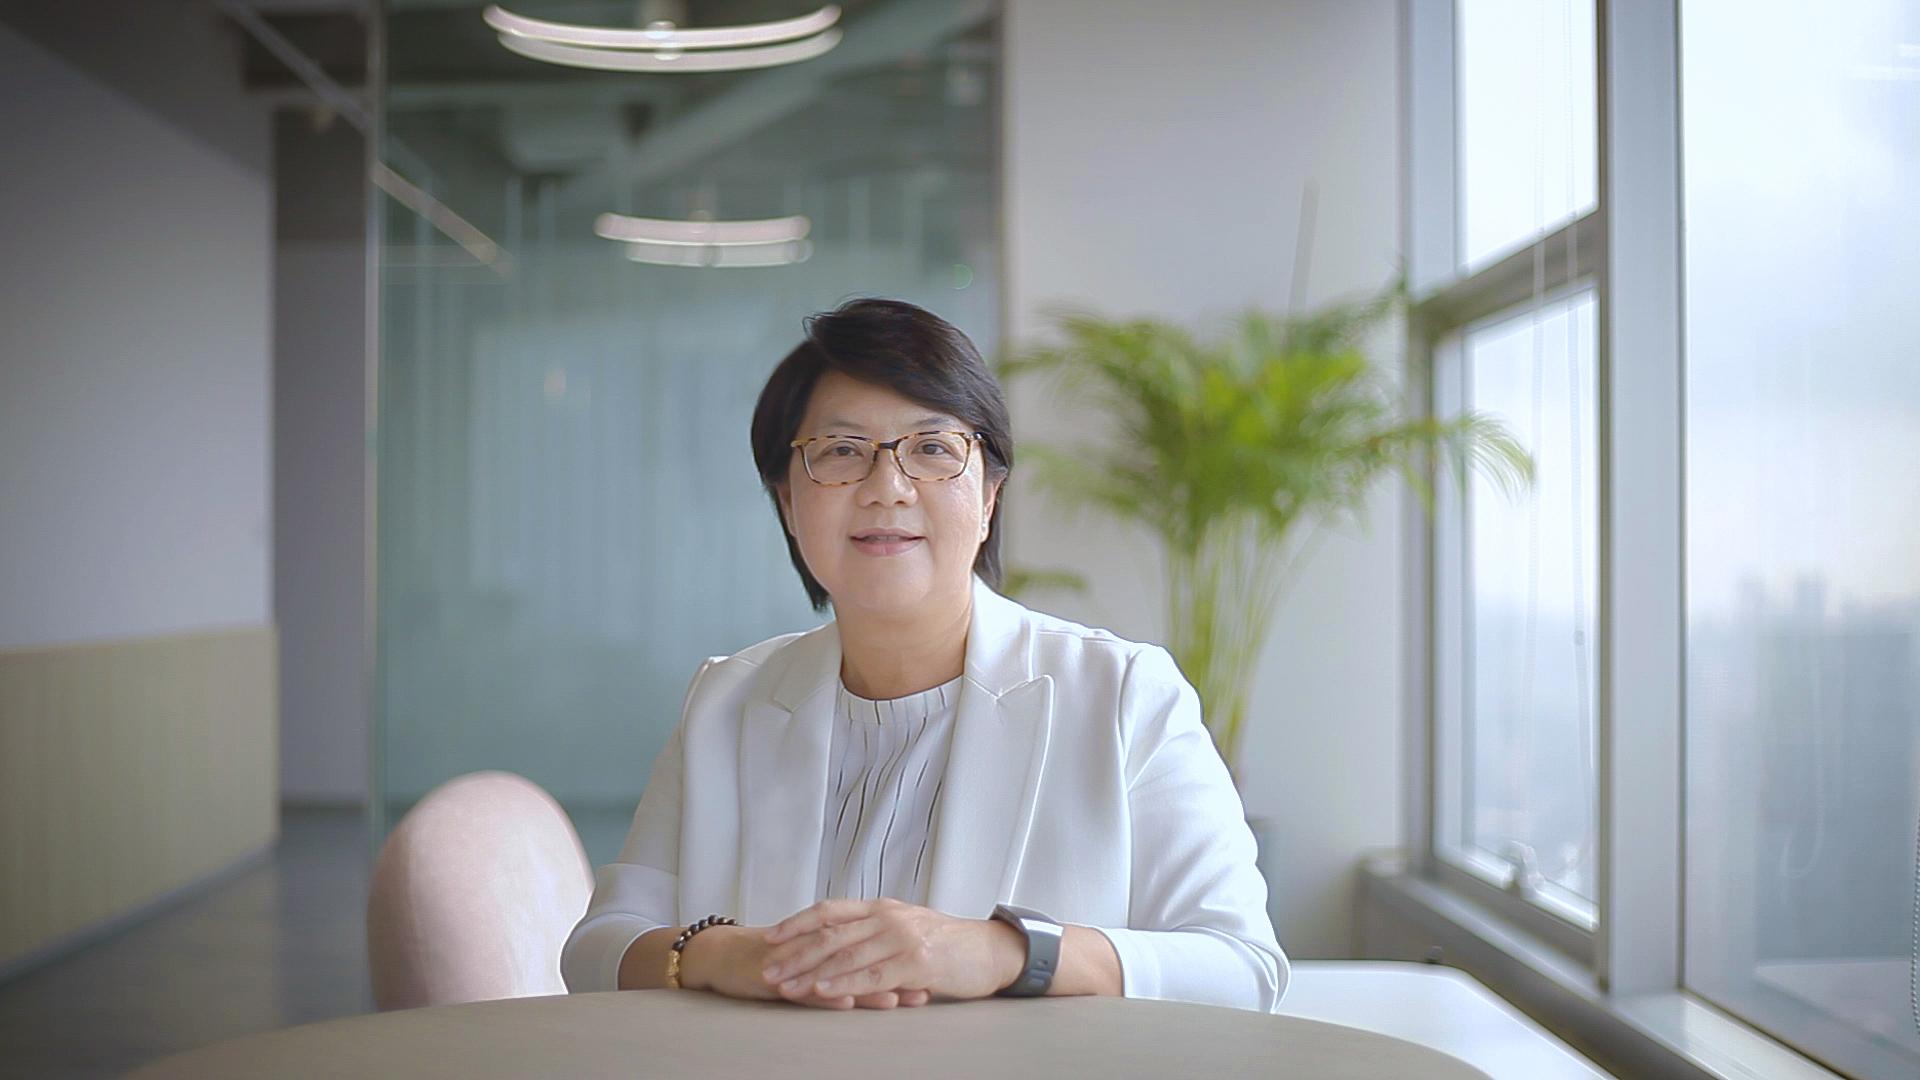 เคพีเอ็มจี: การปรับปรุงระบบ AI สามารถช่วยธุรกิจฟื้นฟูและเติบโตได้